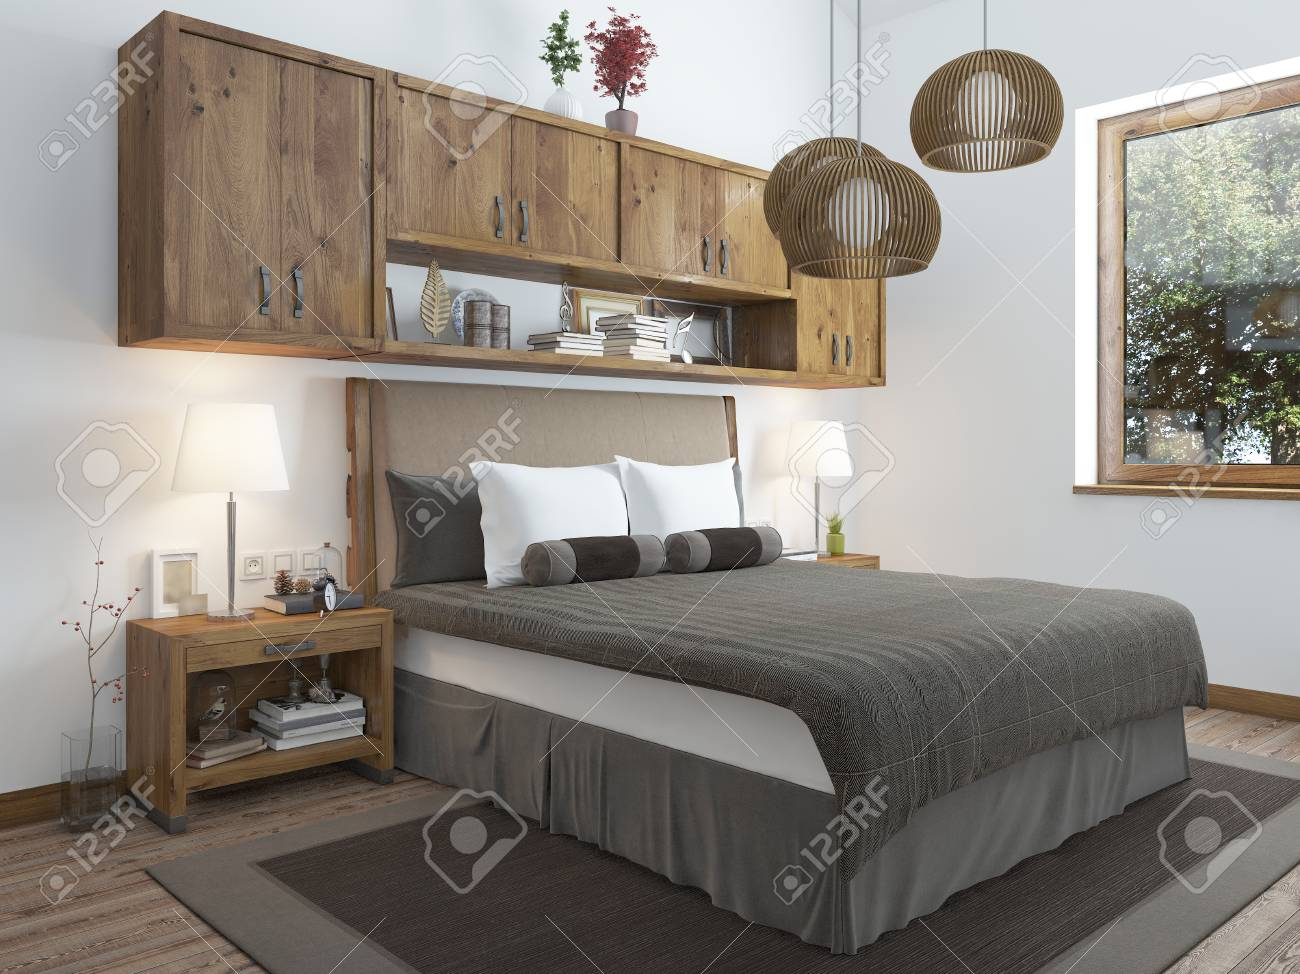 Schon Große, Helle Schlafzimmer Im Dachgeschoss. Über Dem Bett Hängen Regale  Geschlossen Und Nachttische Mit